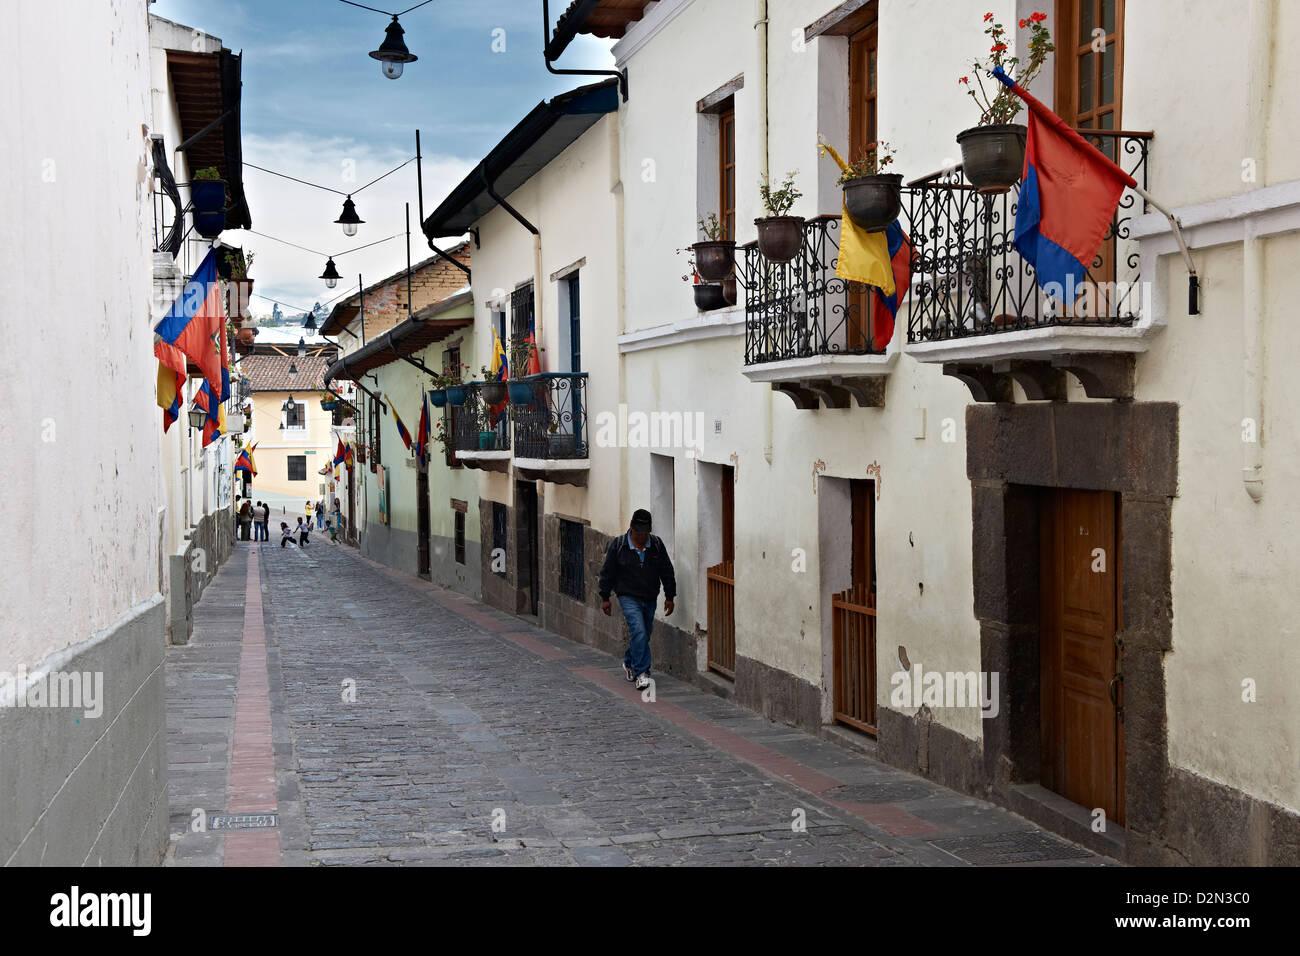 Calle de la Ronda, el centro histórico de Quito, Ecuador Imagen De Stock